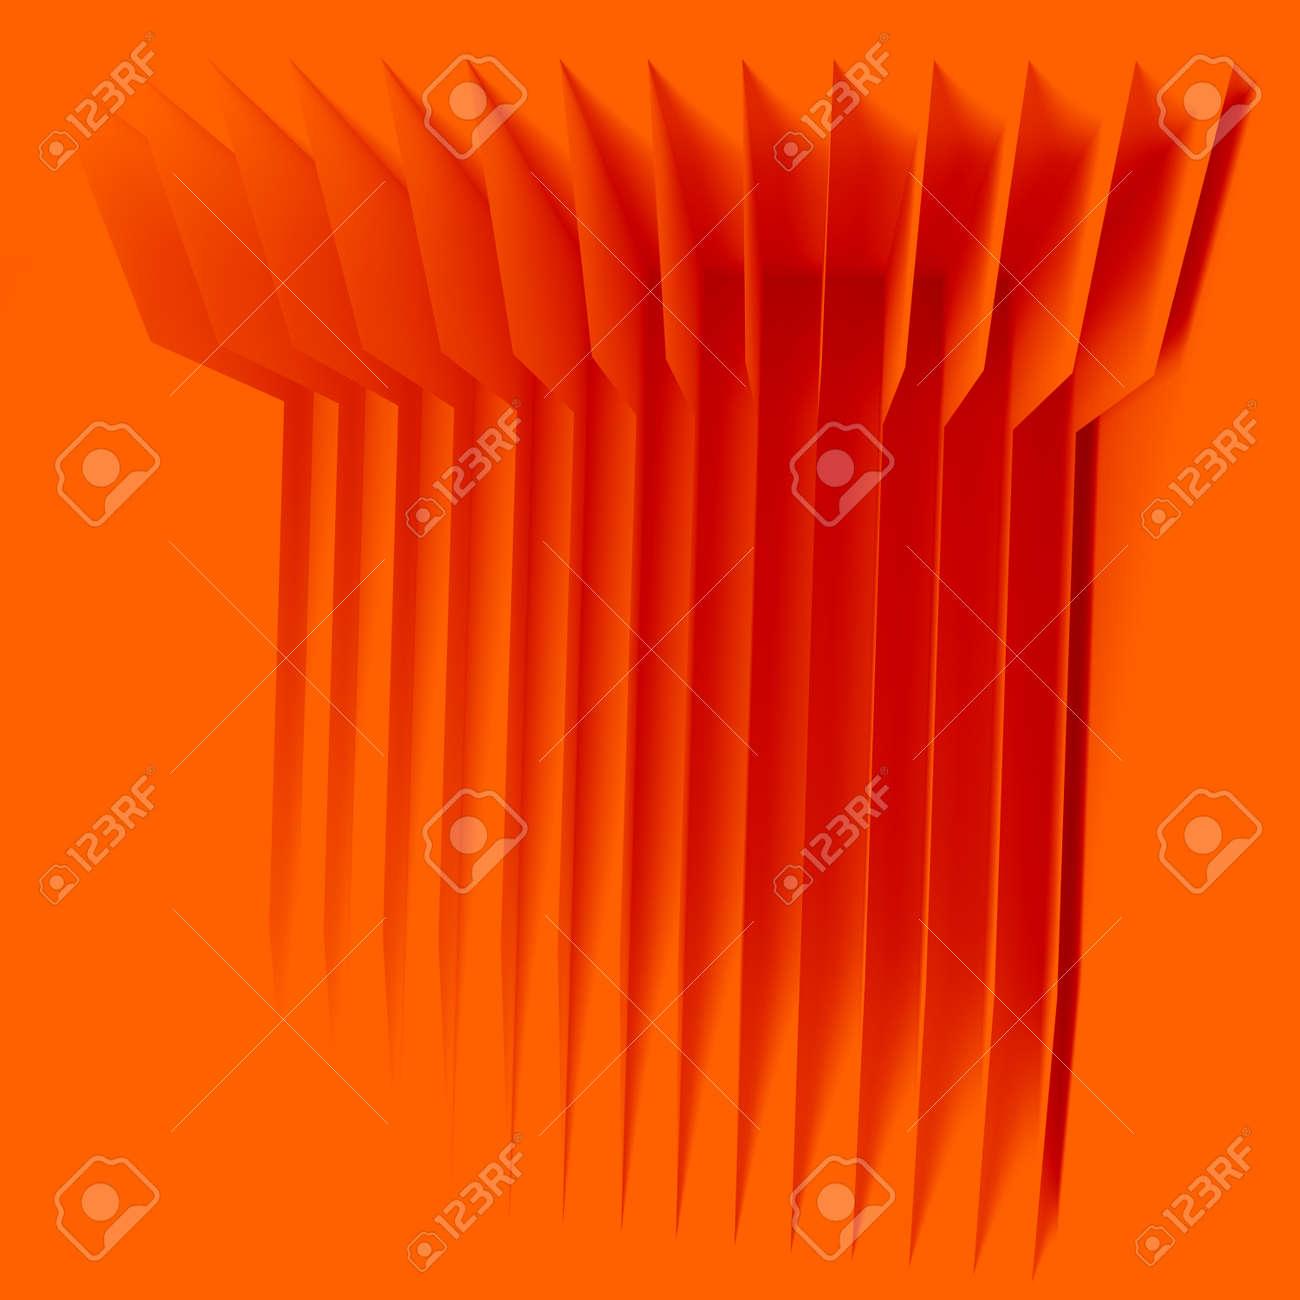 orange houses for real estate property industry, 3d illustration - 157639616